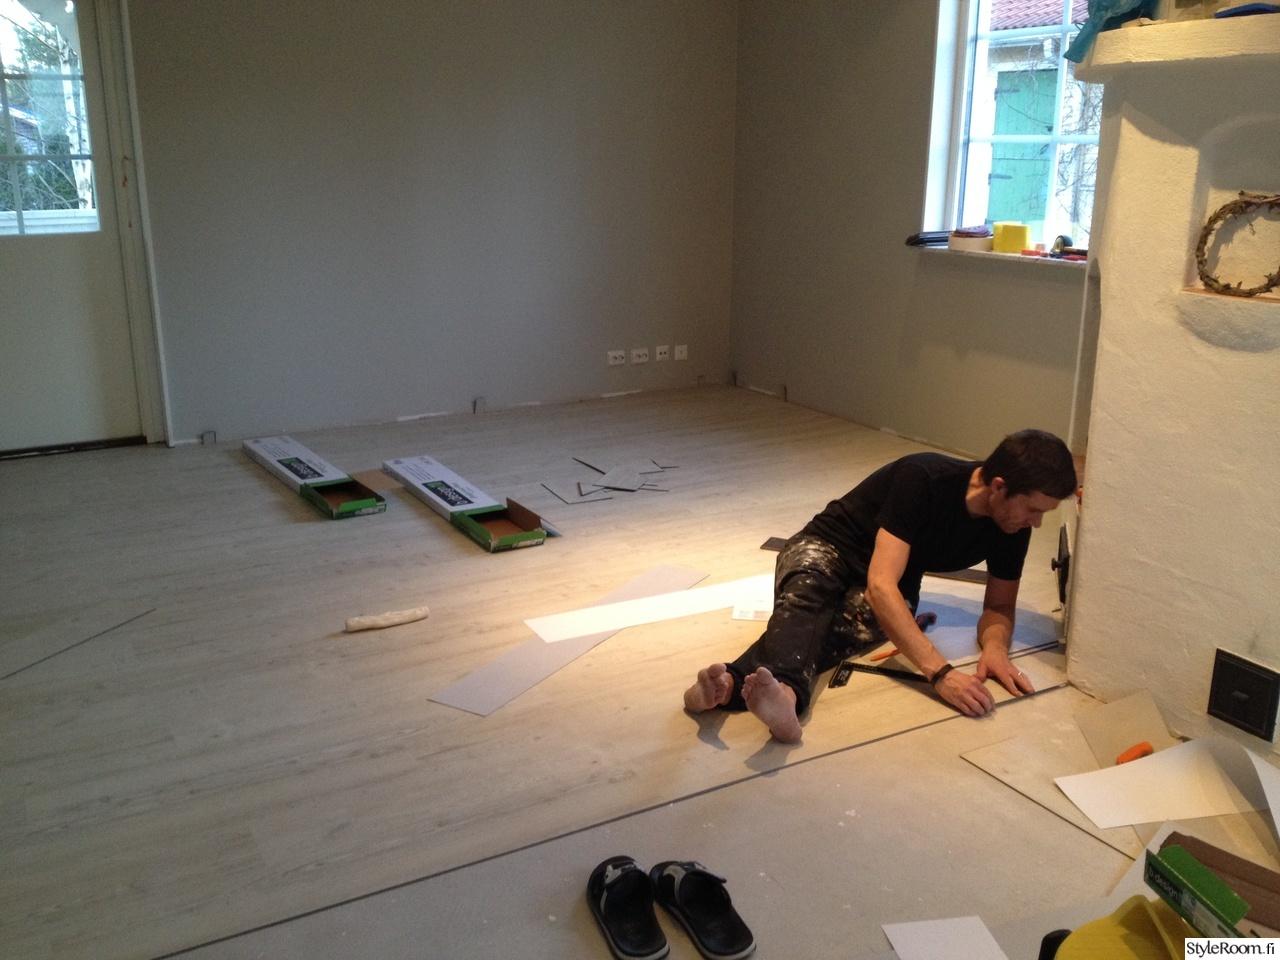 Talon remppaprojekti  kaikki pinnat uusiksi  Sisustuskuvia jäseneltä Blombm